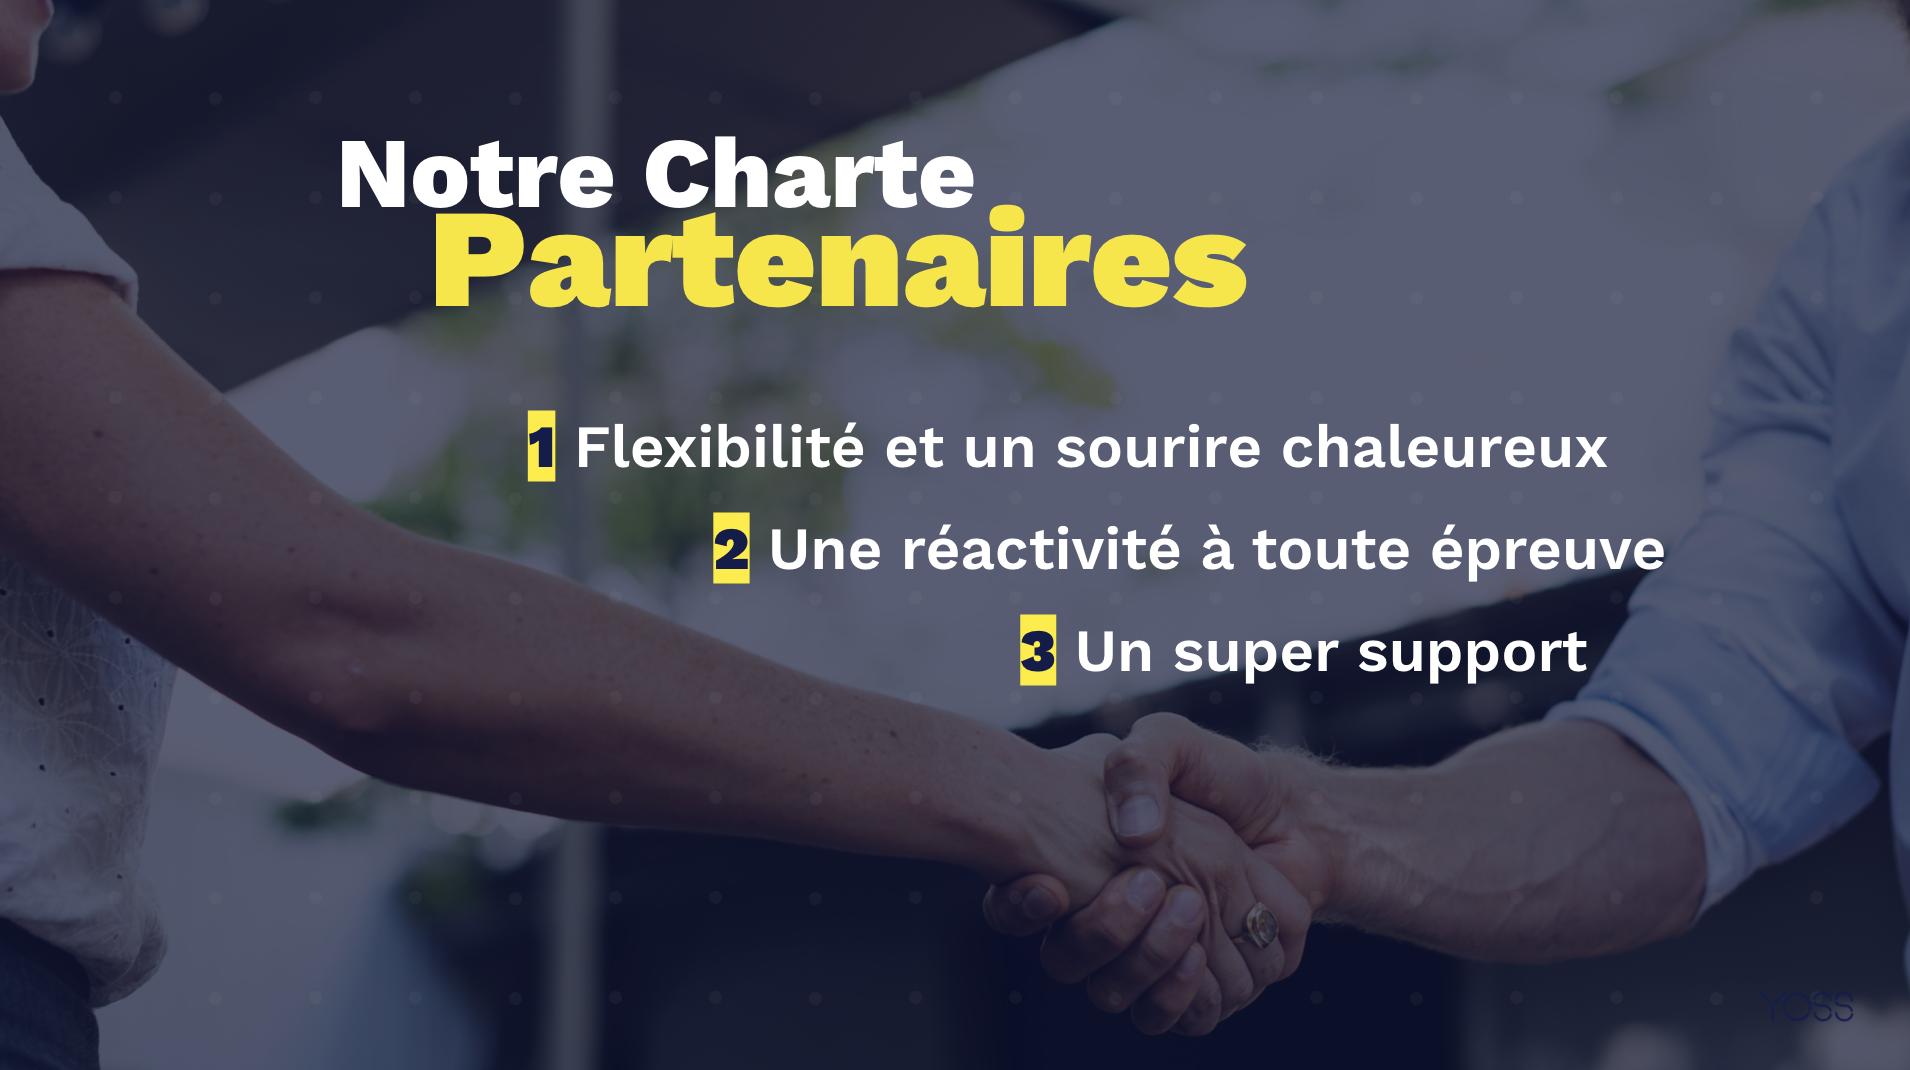 Charte Partenaires